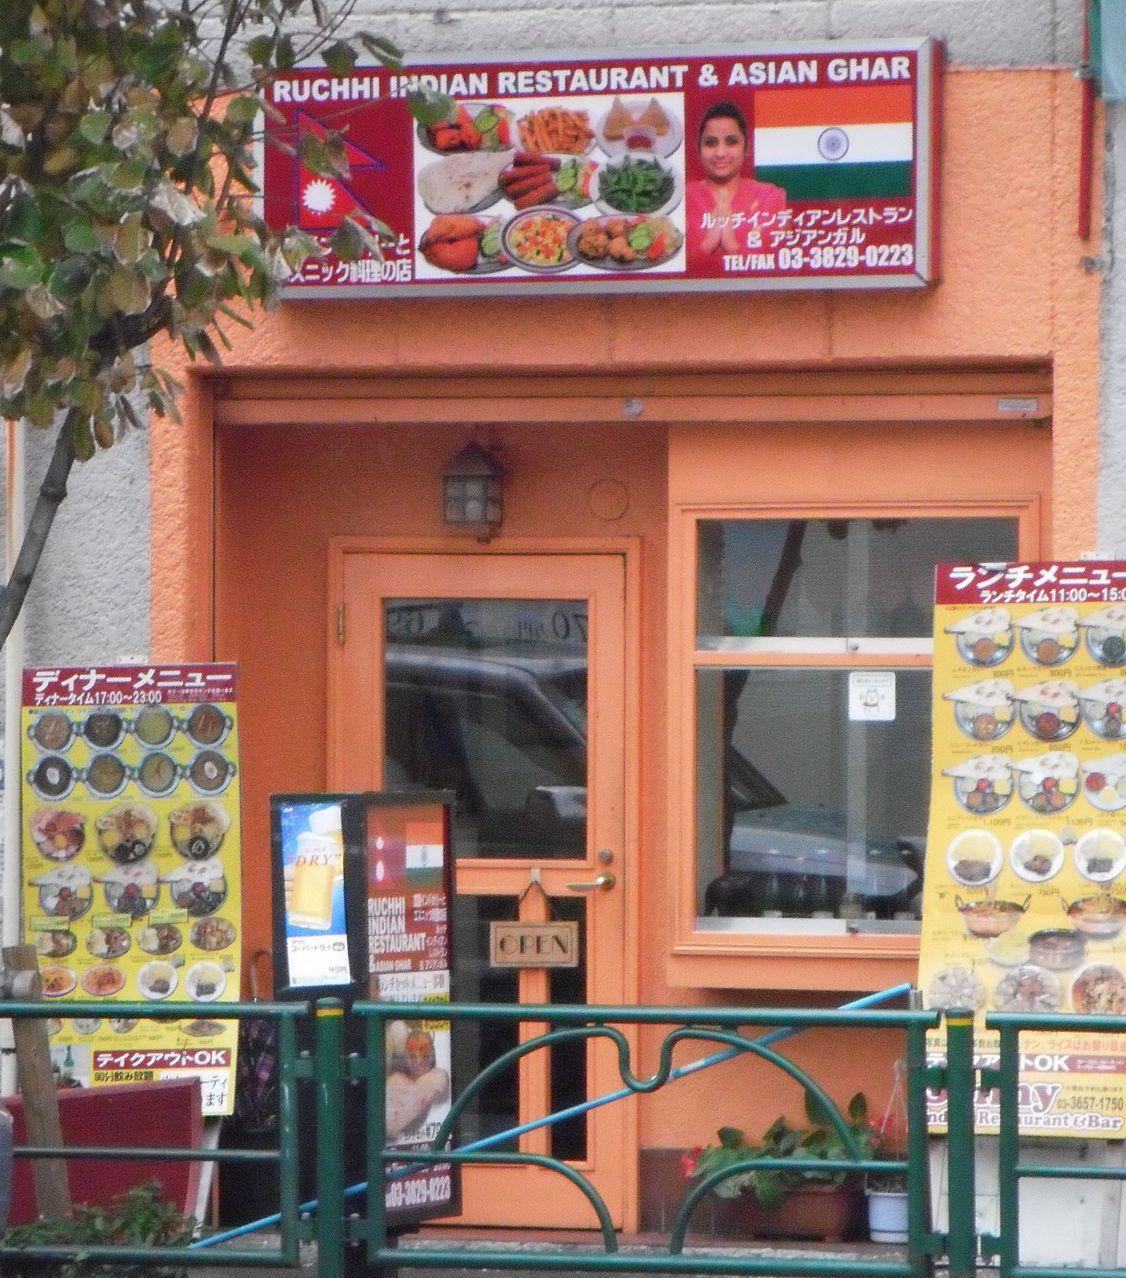 ルチインディアンレストラン&アジアンガル